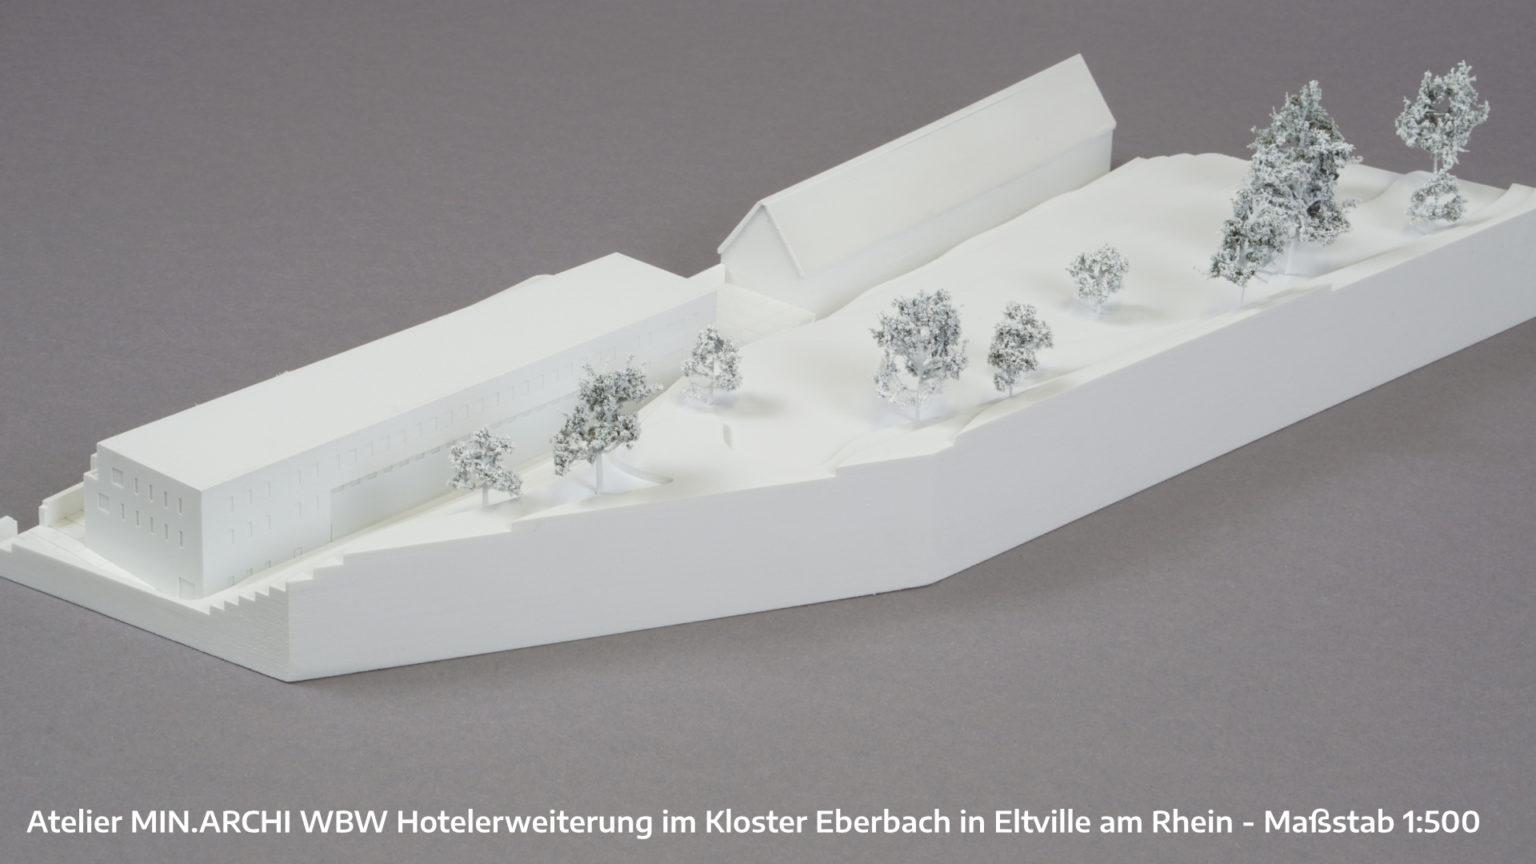 Hotelerweiterung im Kloster Eberbach in Eltville am Rhein